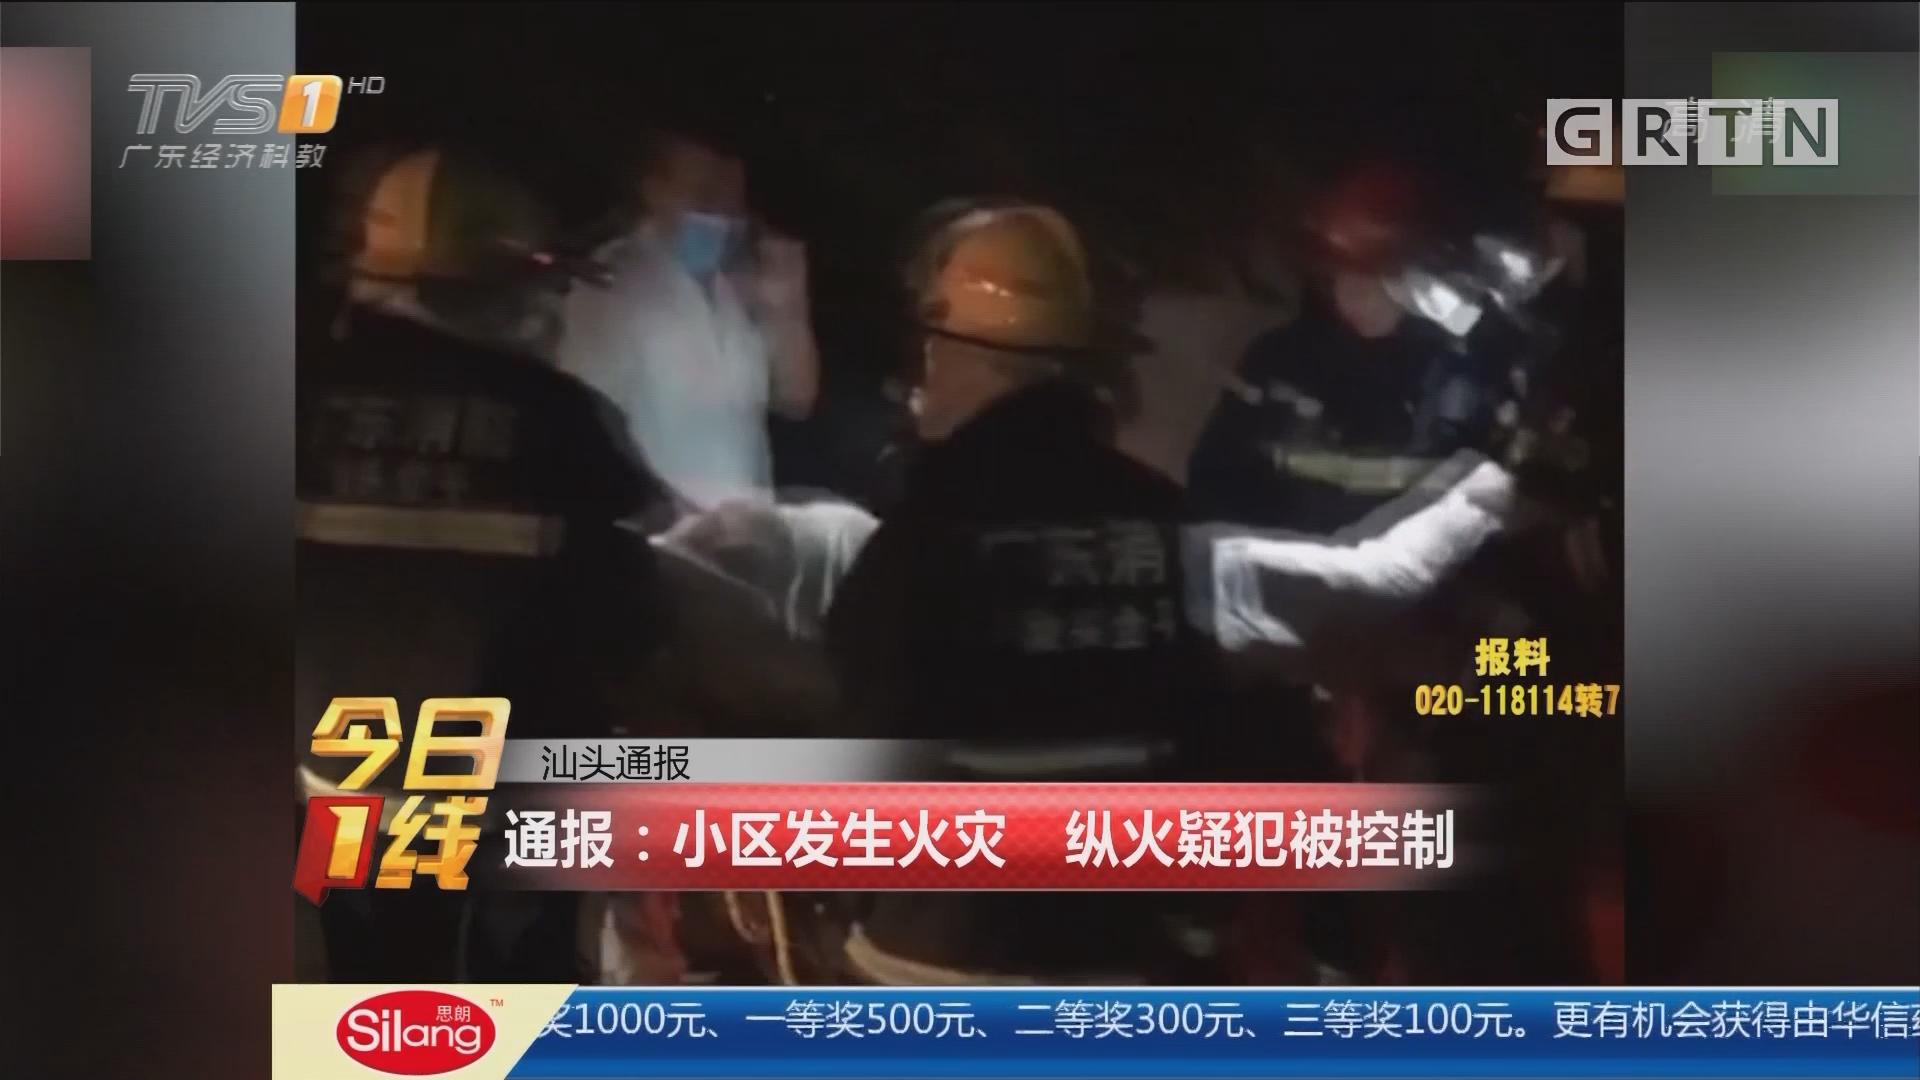 汕头通报 通报:小区发生火灾 纵火疑犯被控制